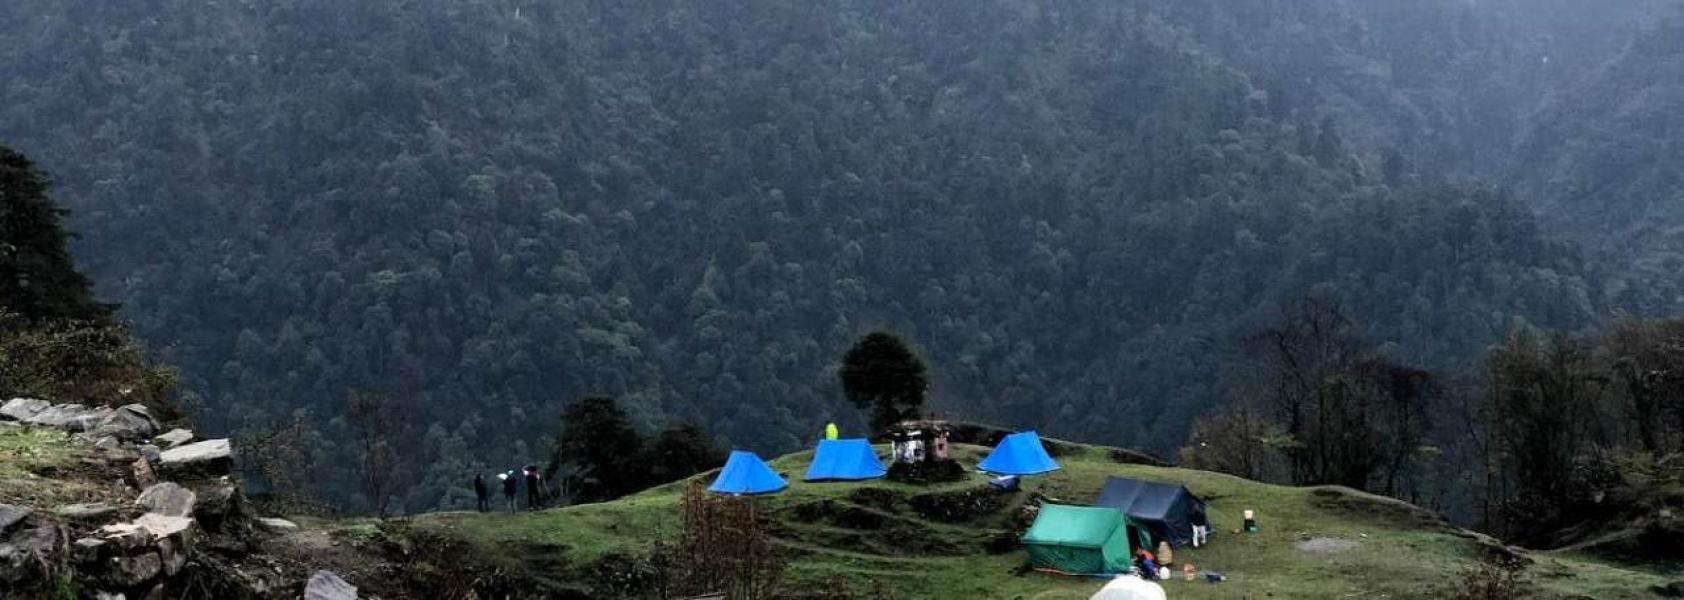 Summer treks in Sikkim, India